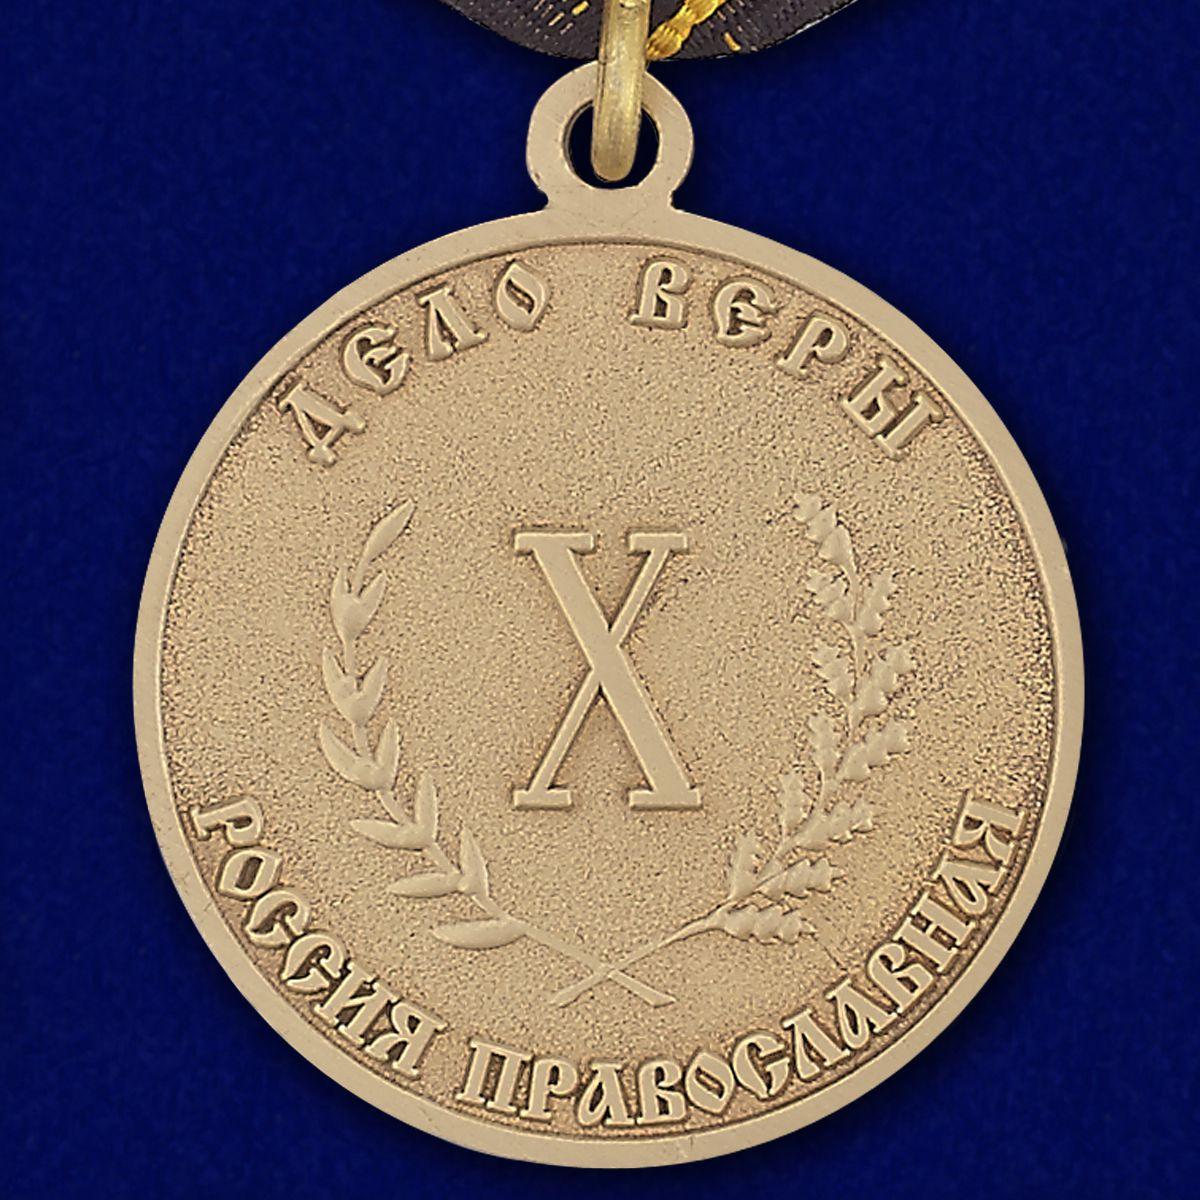 """Заказать медаль """"Дело Веры"""" 3 степень в бархатистом футляре из флока с пластиковой крышкой"""